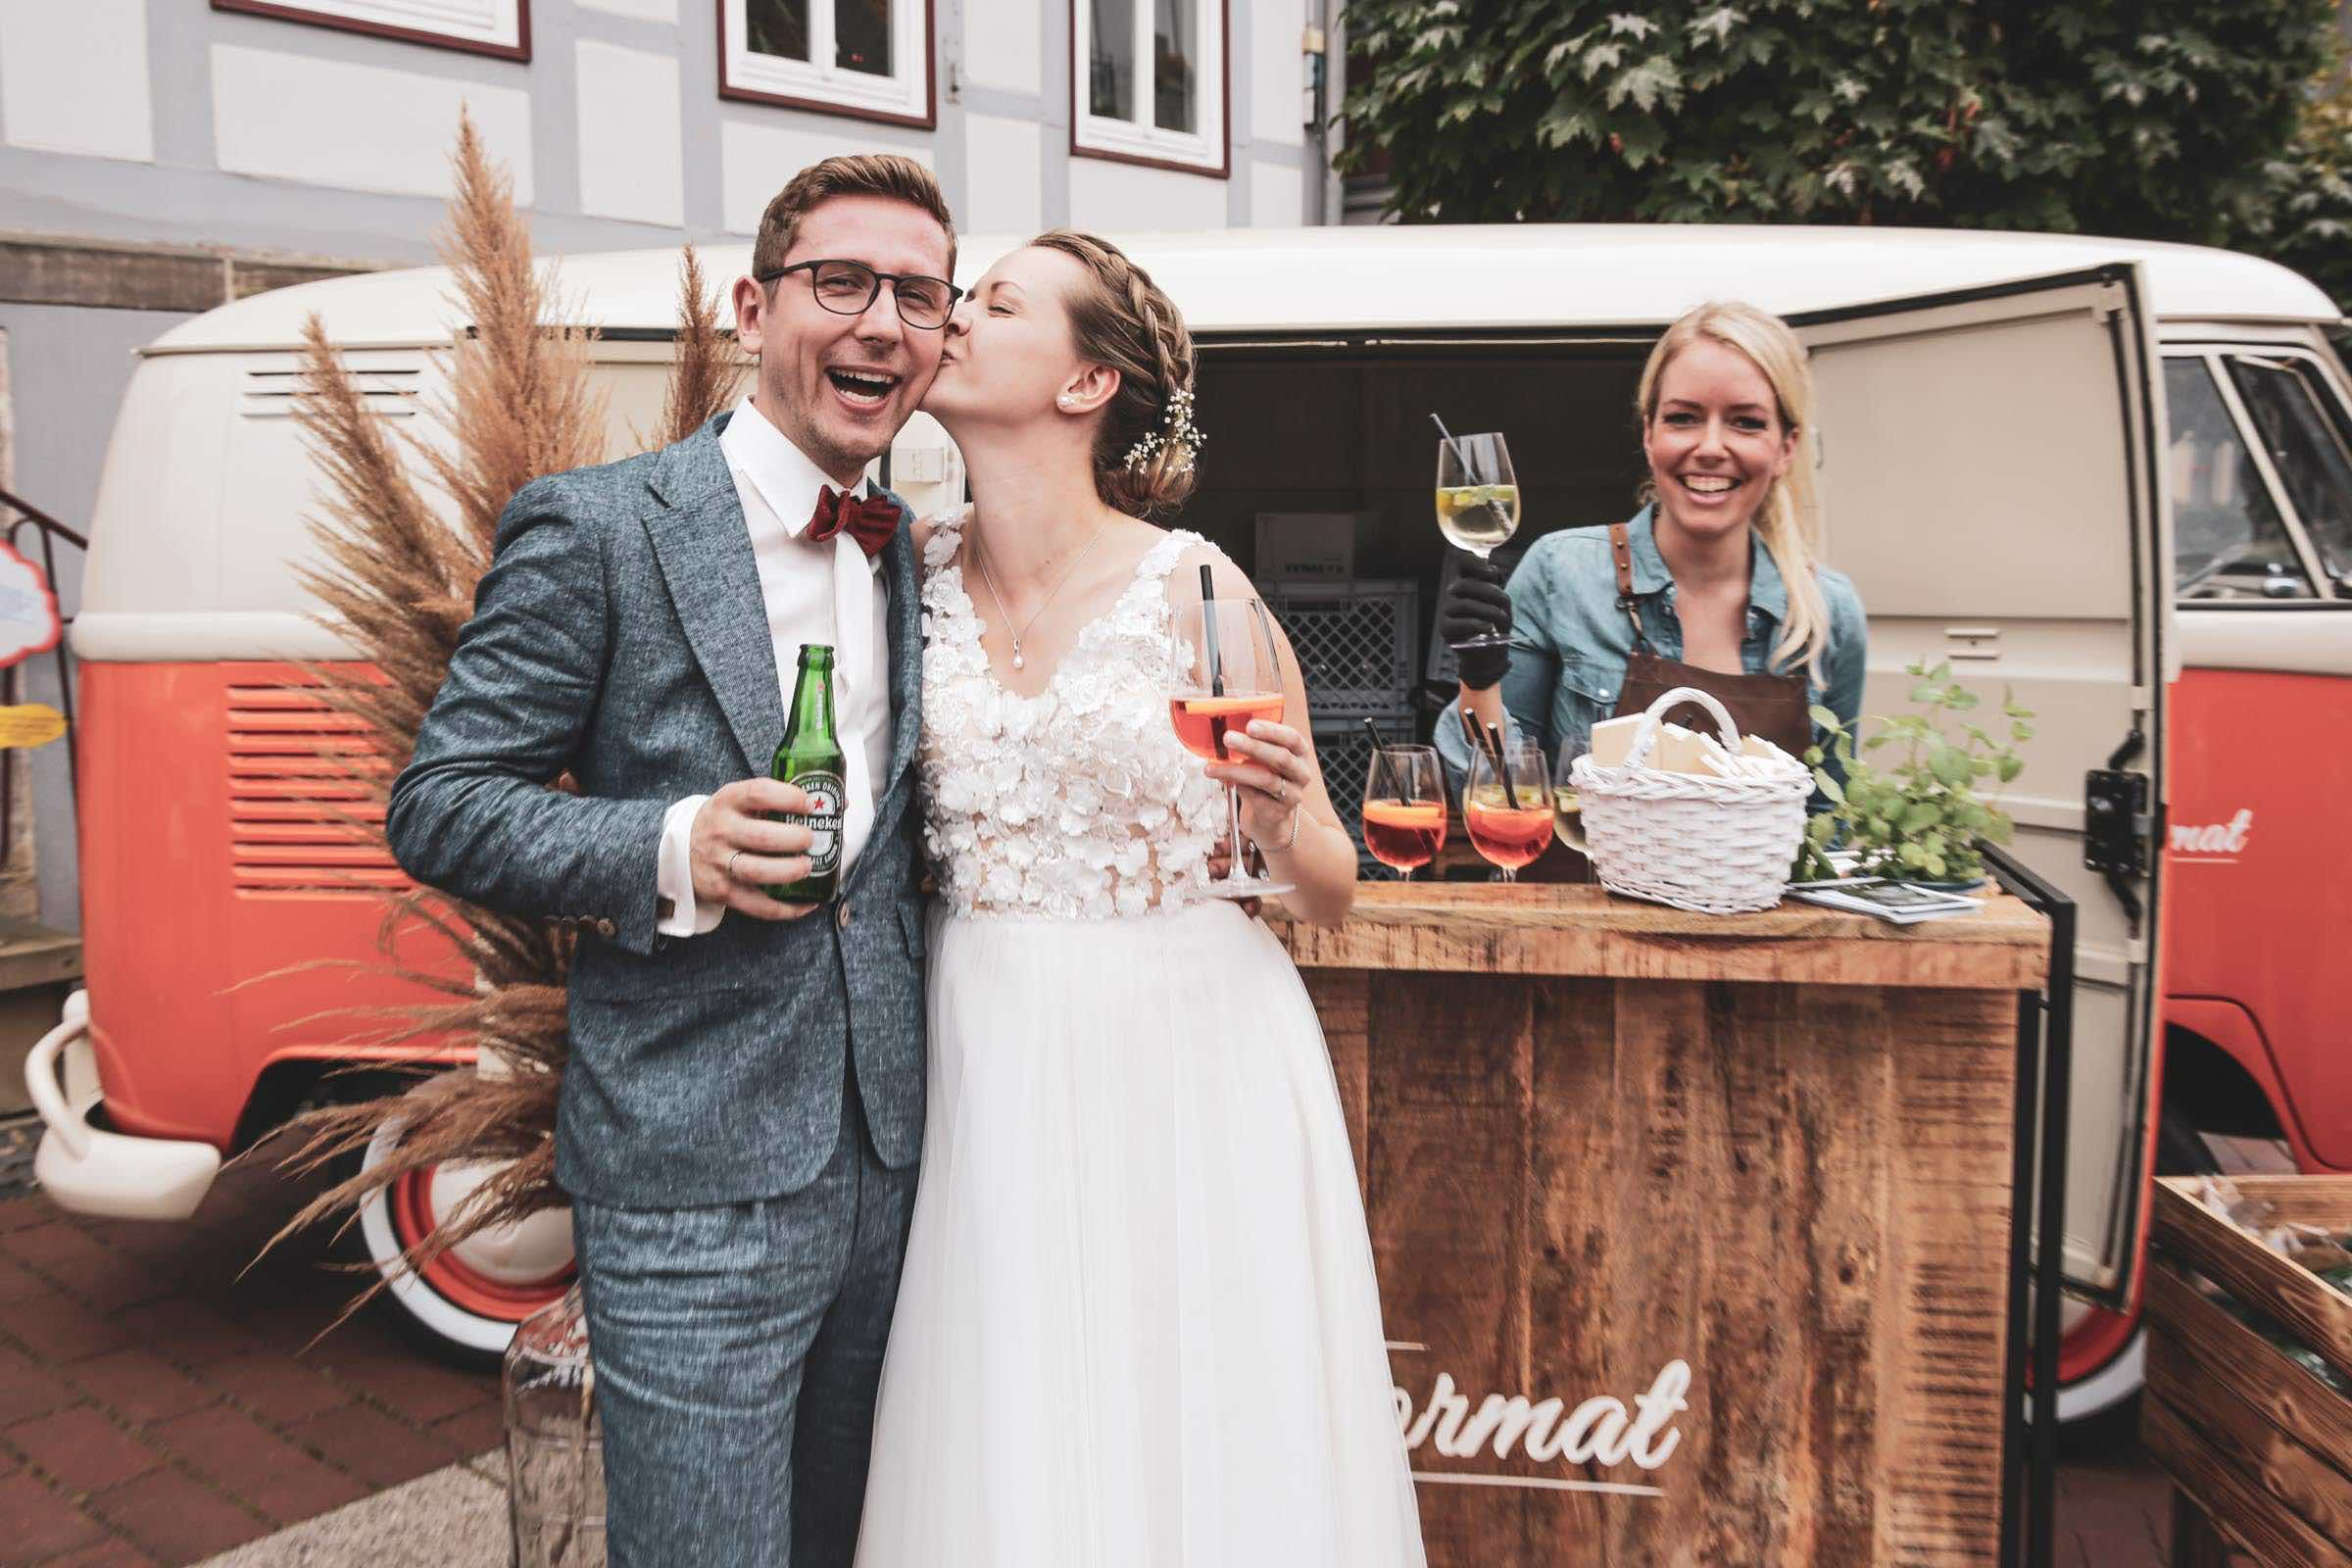 Mobile | Cocktailbar | Hochzeit | Hamburg | Sektempfang | Barkeeper | Mieten | Geburtstag | VW | Bar | Ape | Getränke | Catering | Foodtruck | Weinbar | Ginbar | Sektbar | Kaffeebar | Hamburgfeiert